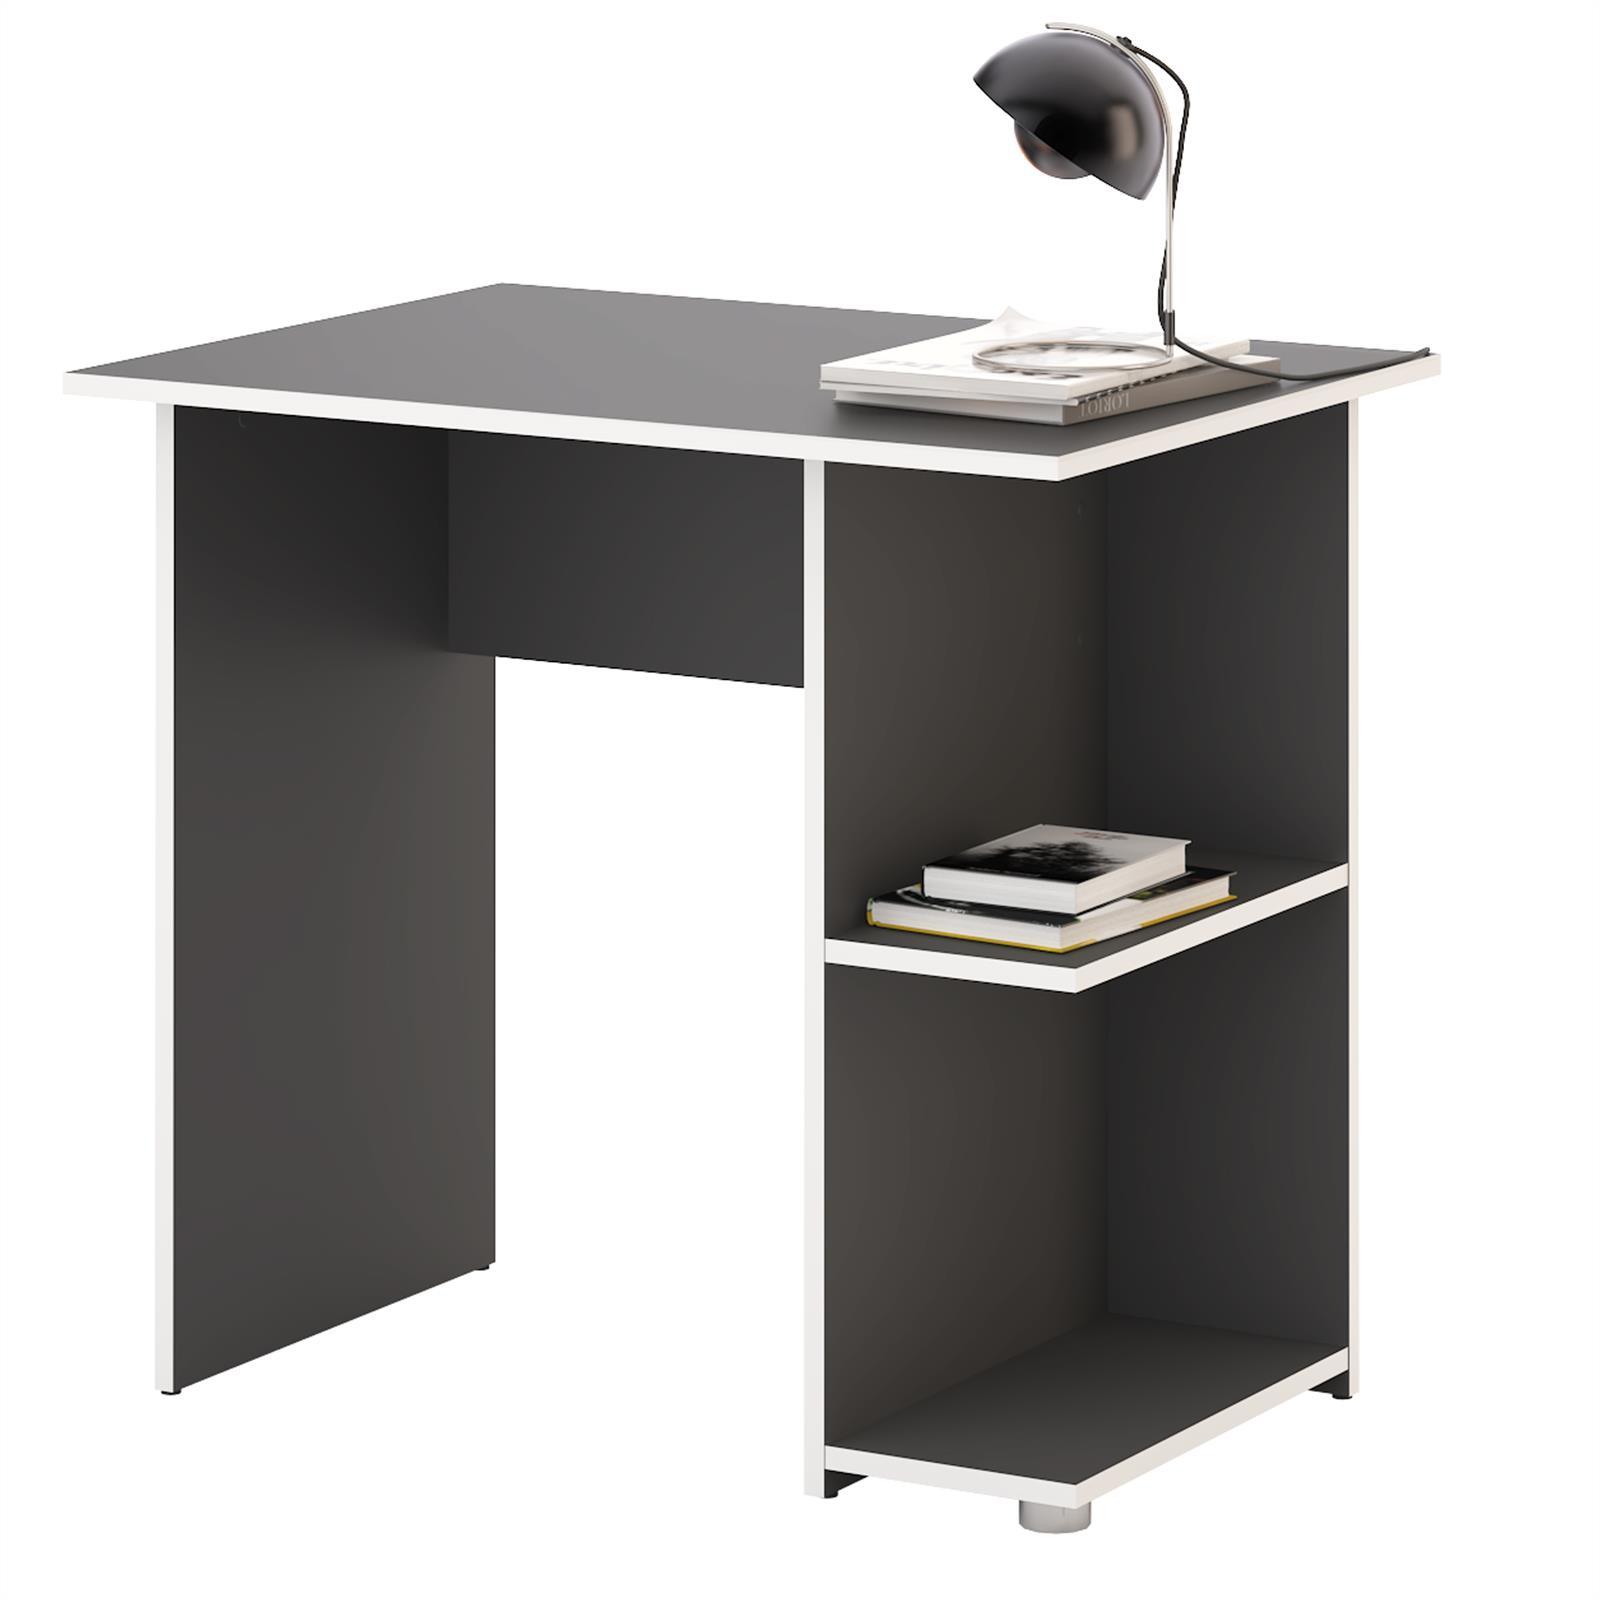 bureau nova m lamin gris mat et blanc mobil meubles. Black Bedroom Furniture Sets. Home Design Ideas